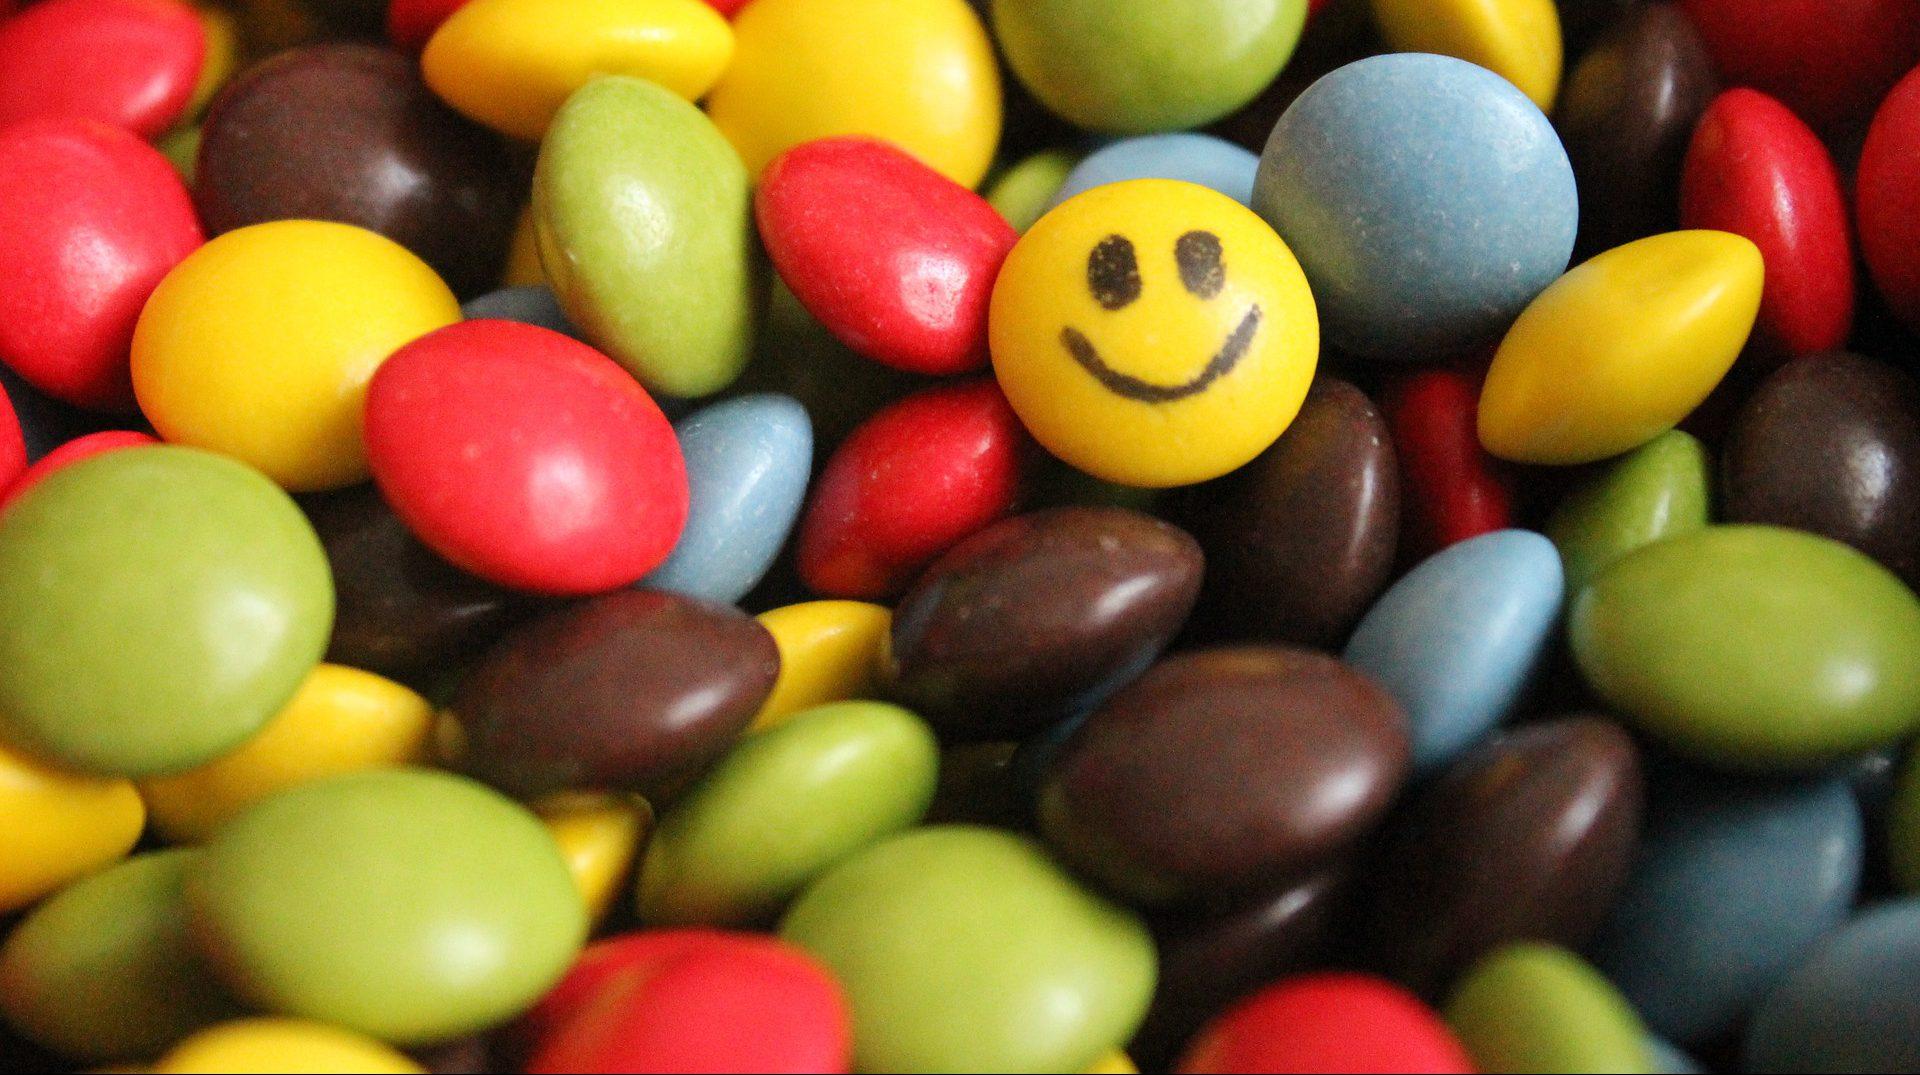 Schokolinsen, eine mit Smiley-Gesicht - Alternativen zu Psychopharmaka